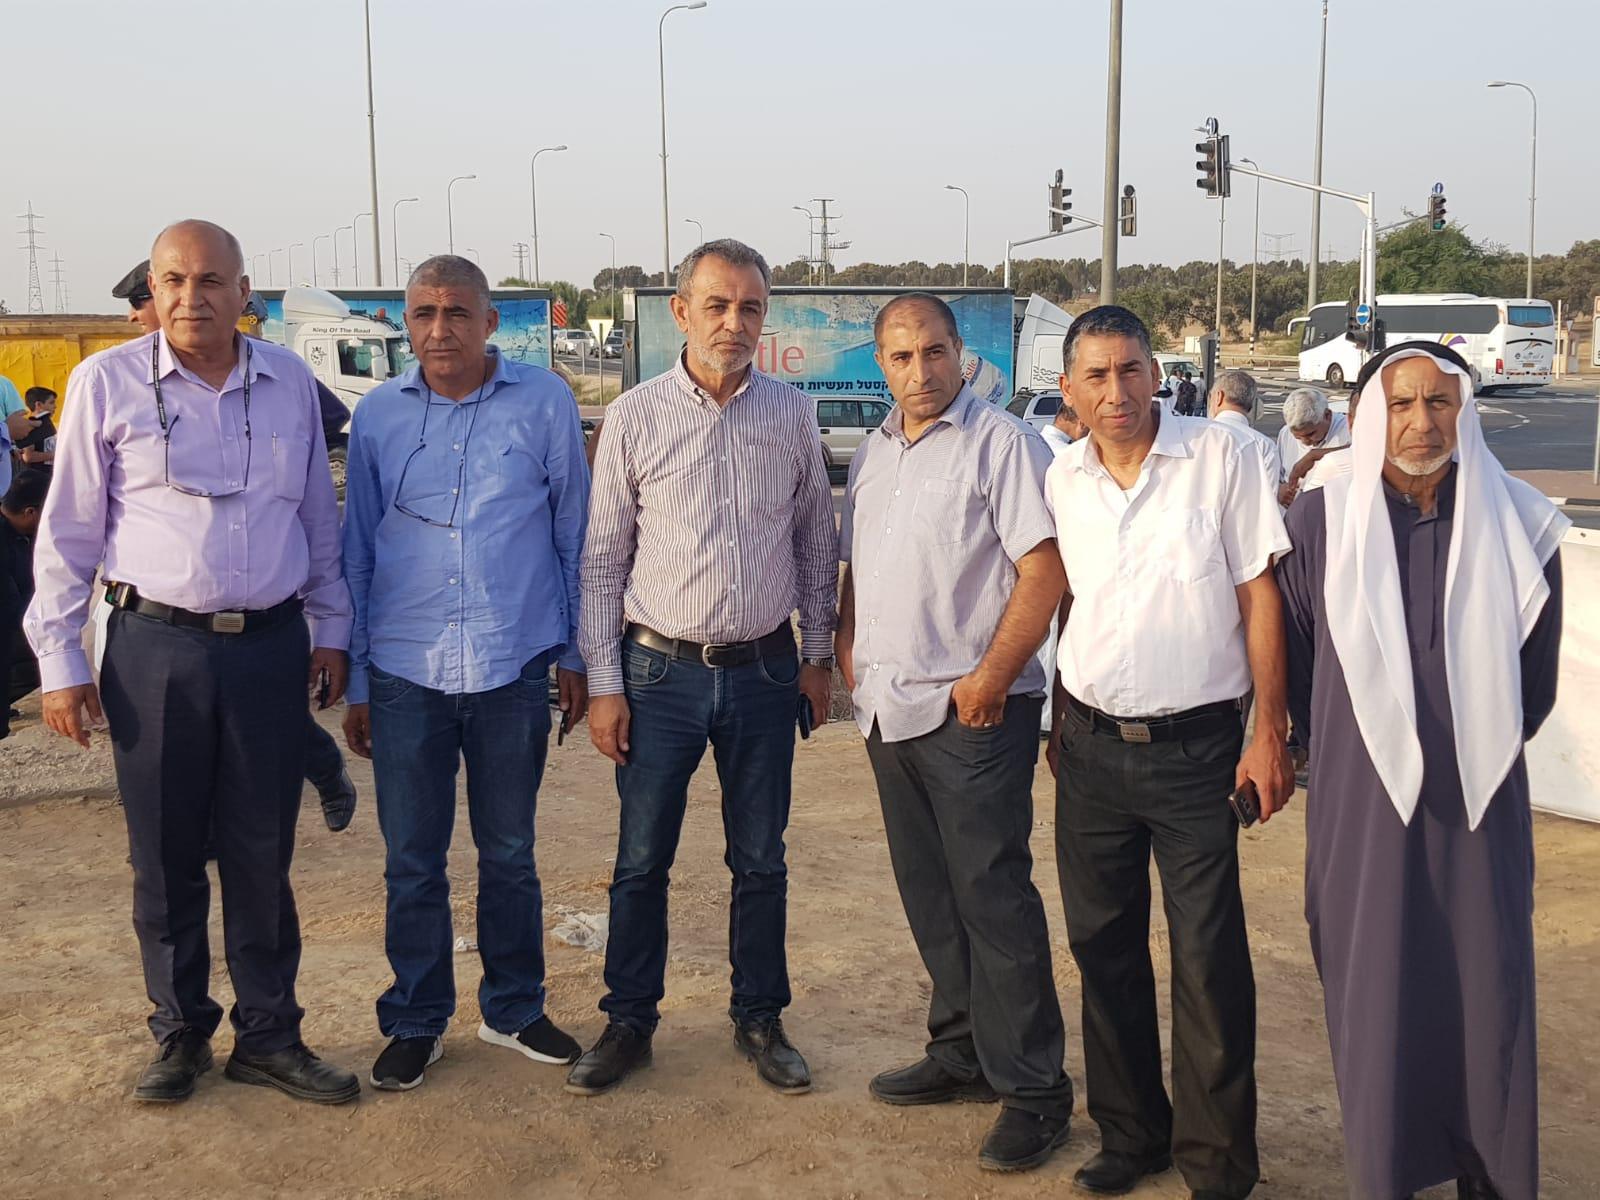 تظاهرة في النقب نصرة للعراقيب